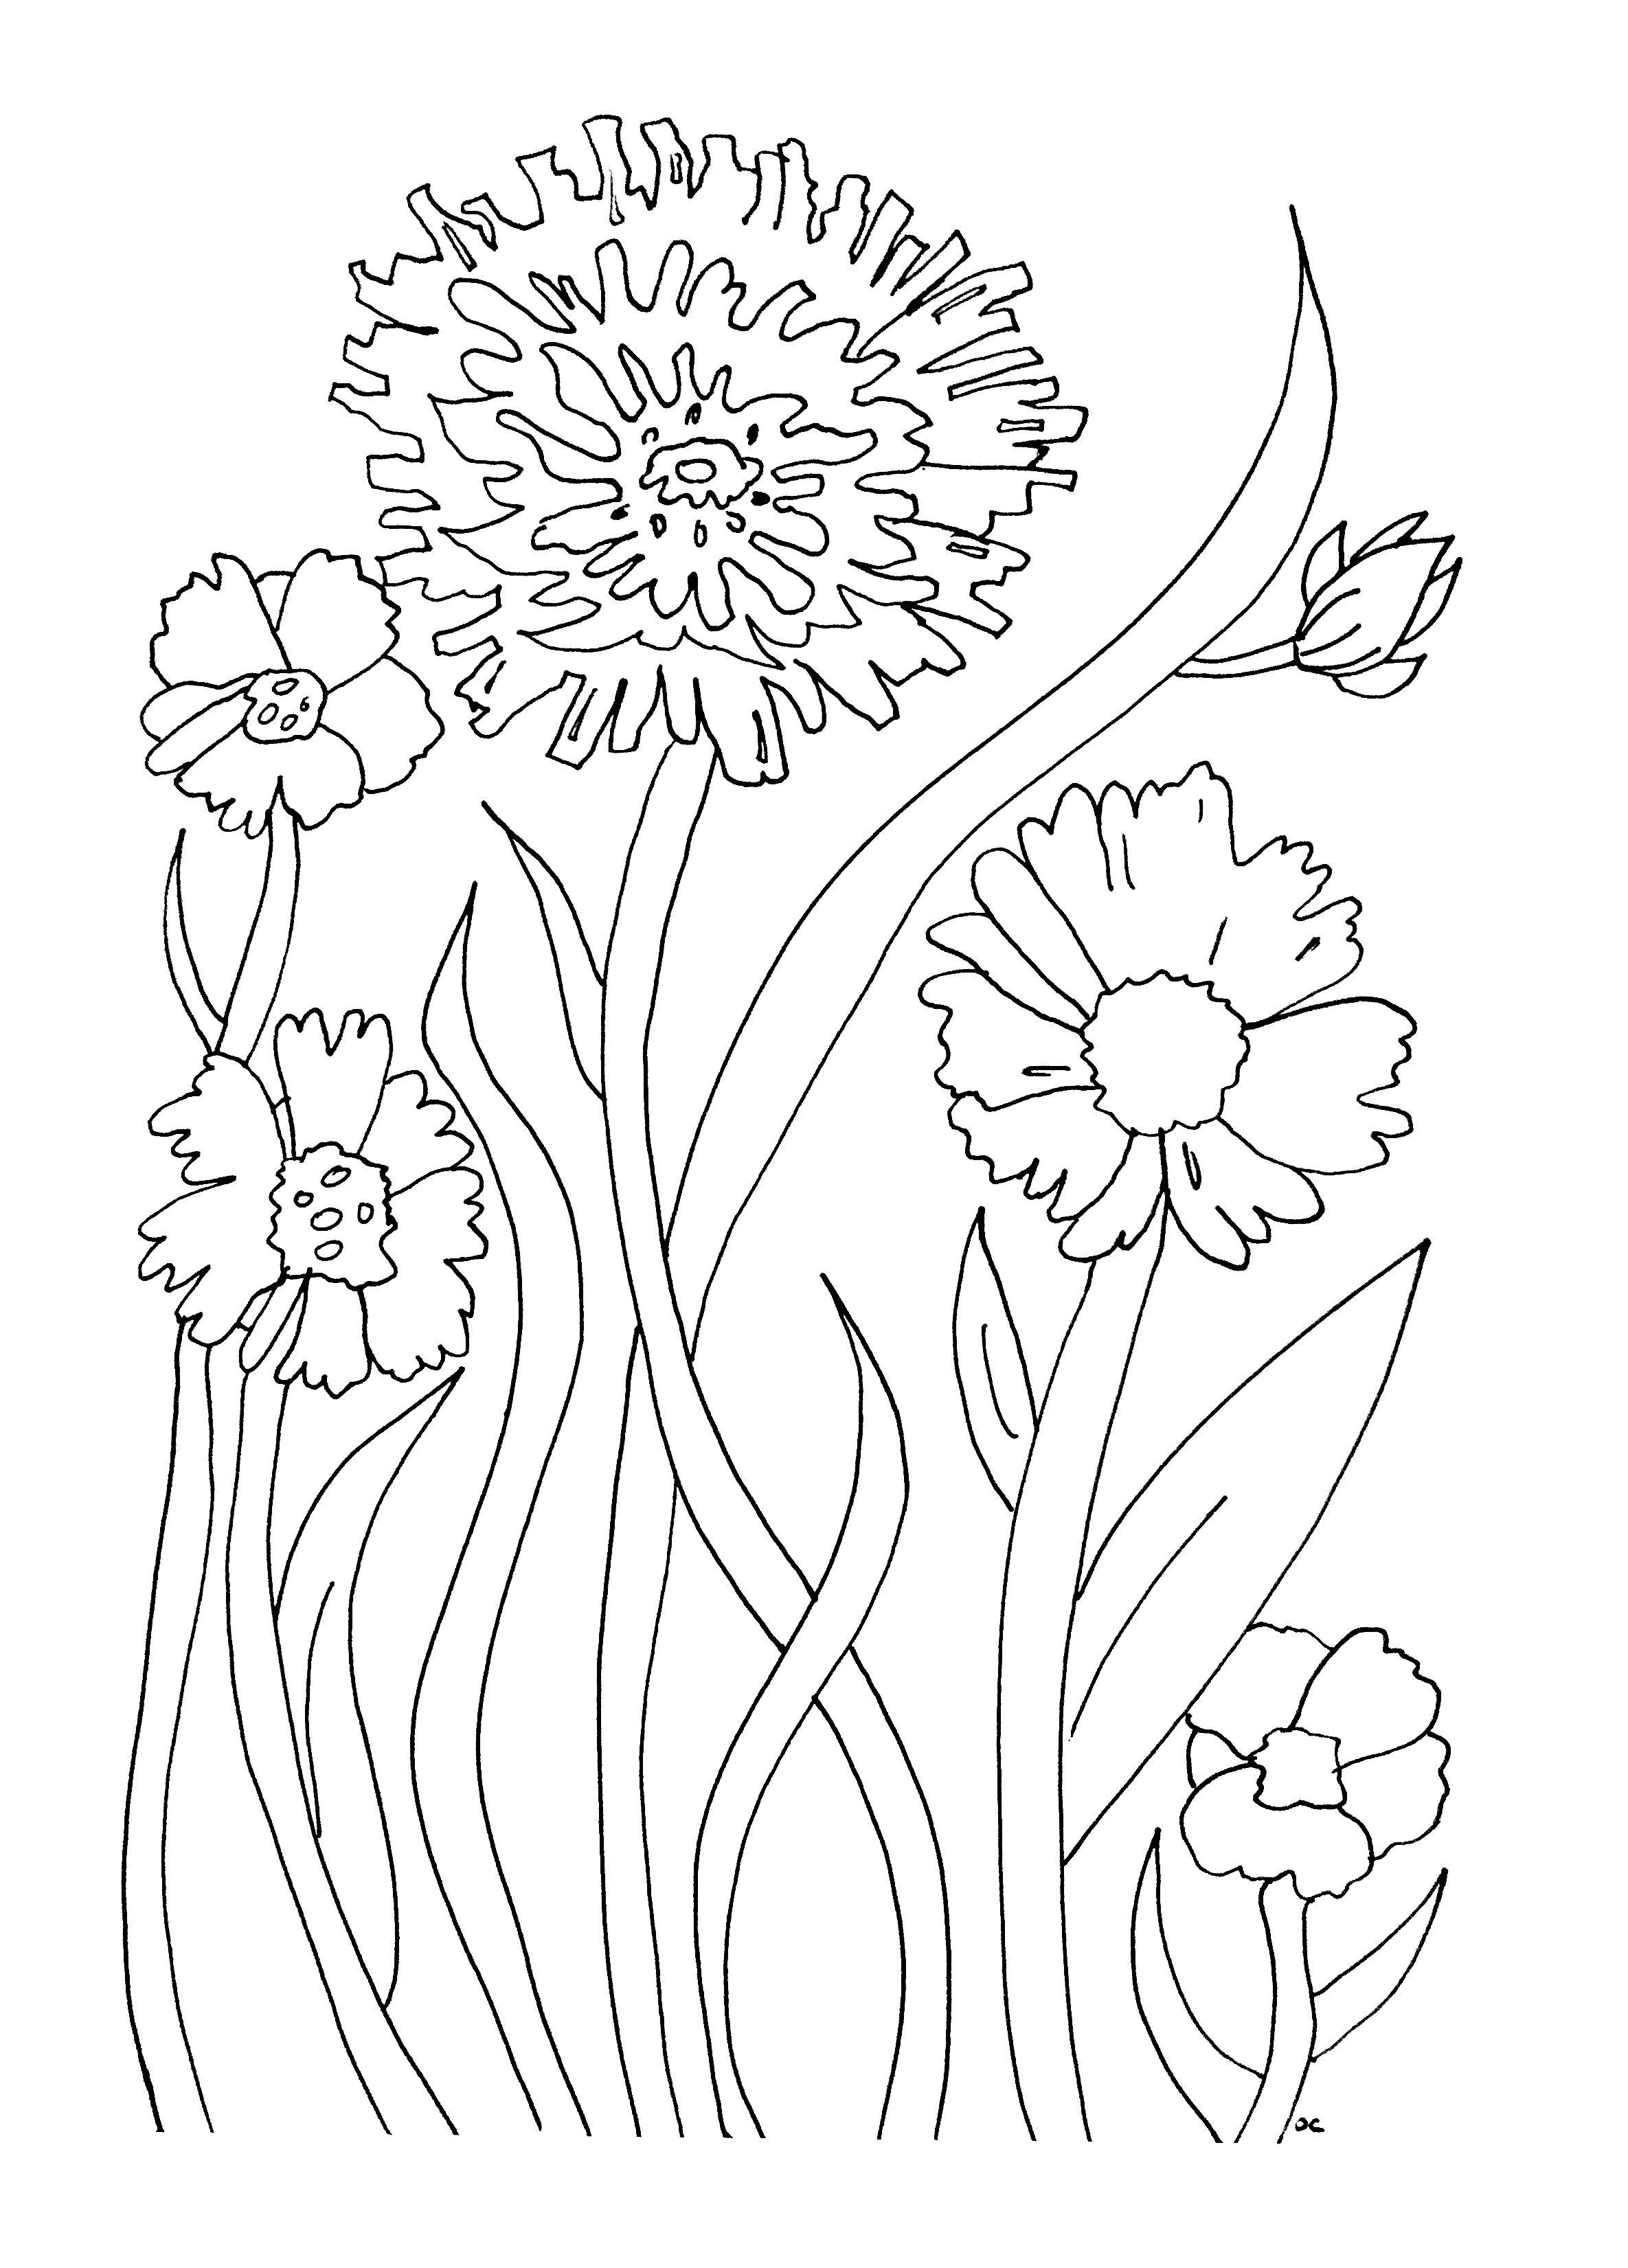 Disegni da colorare per adulti : Fiori e vegetazione - 46